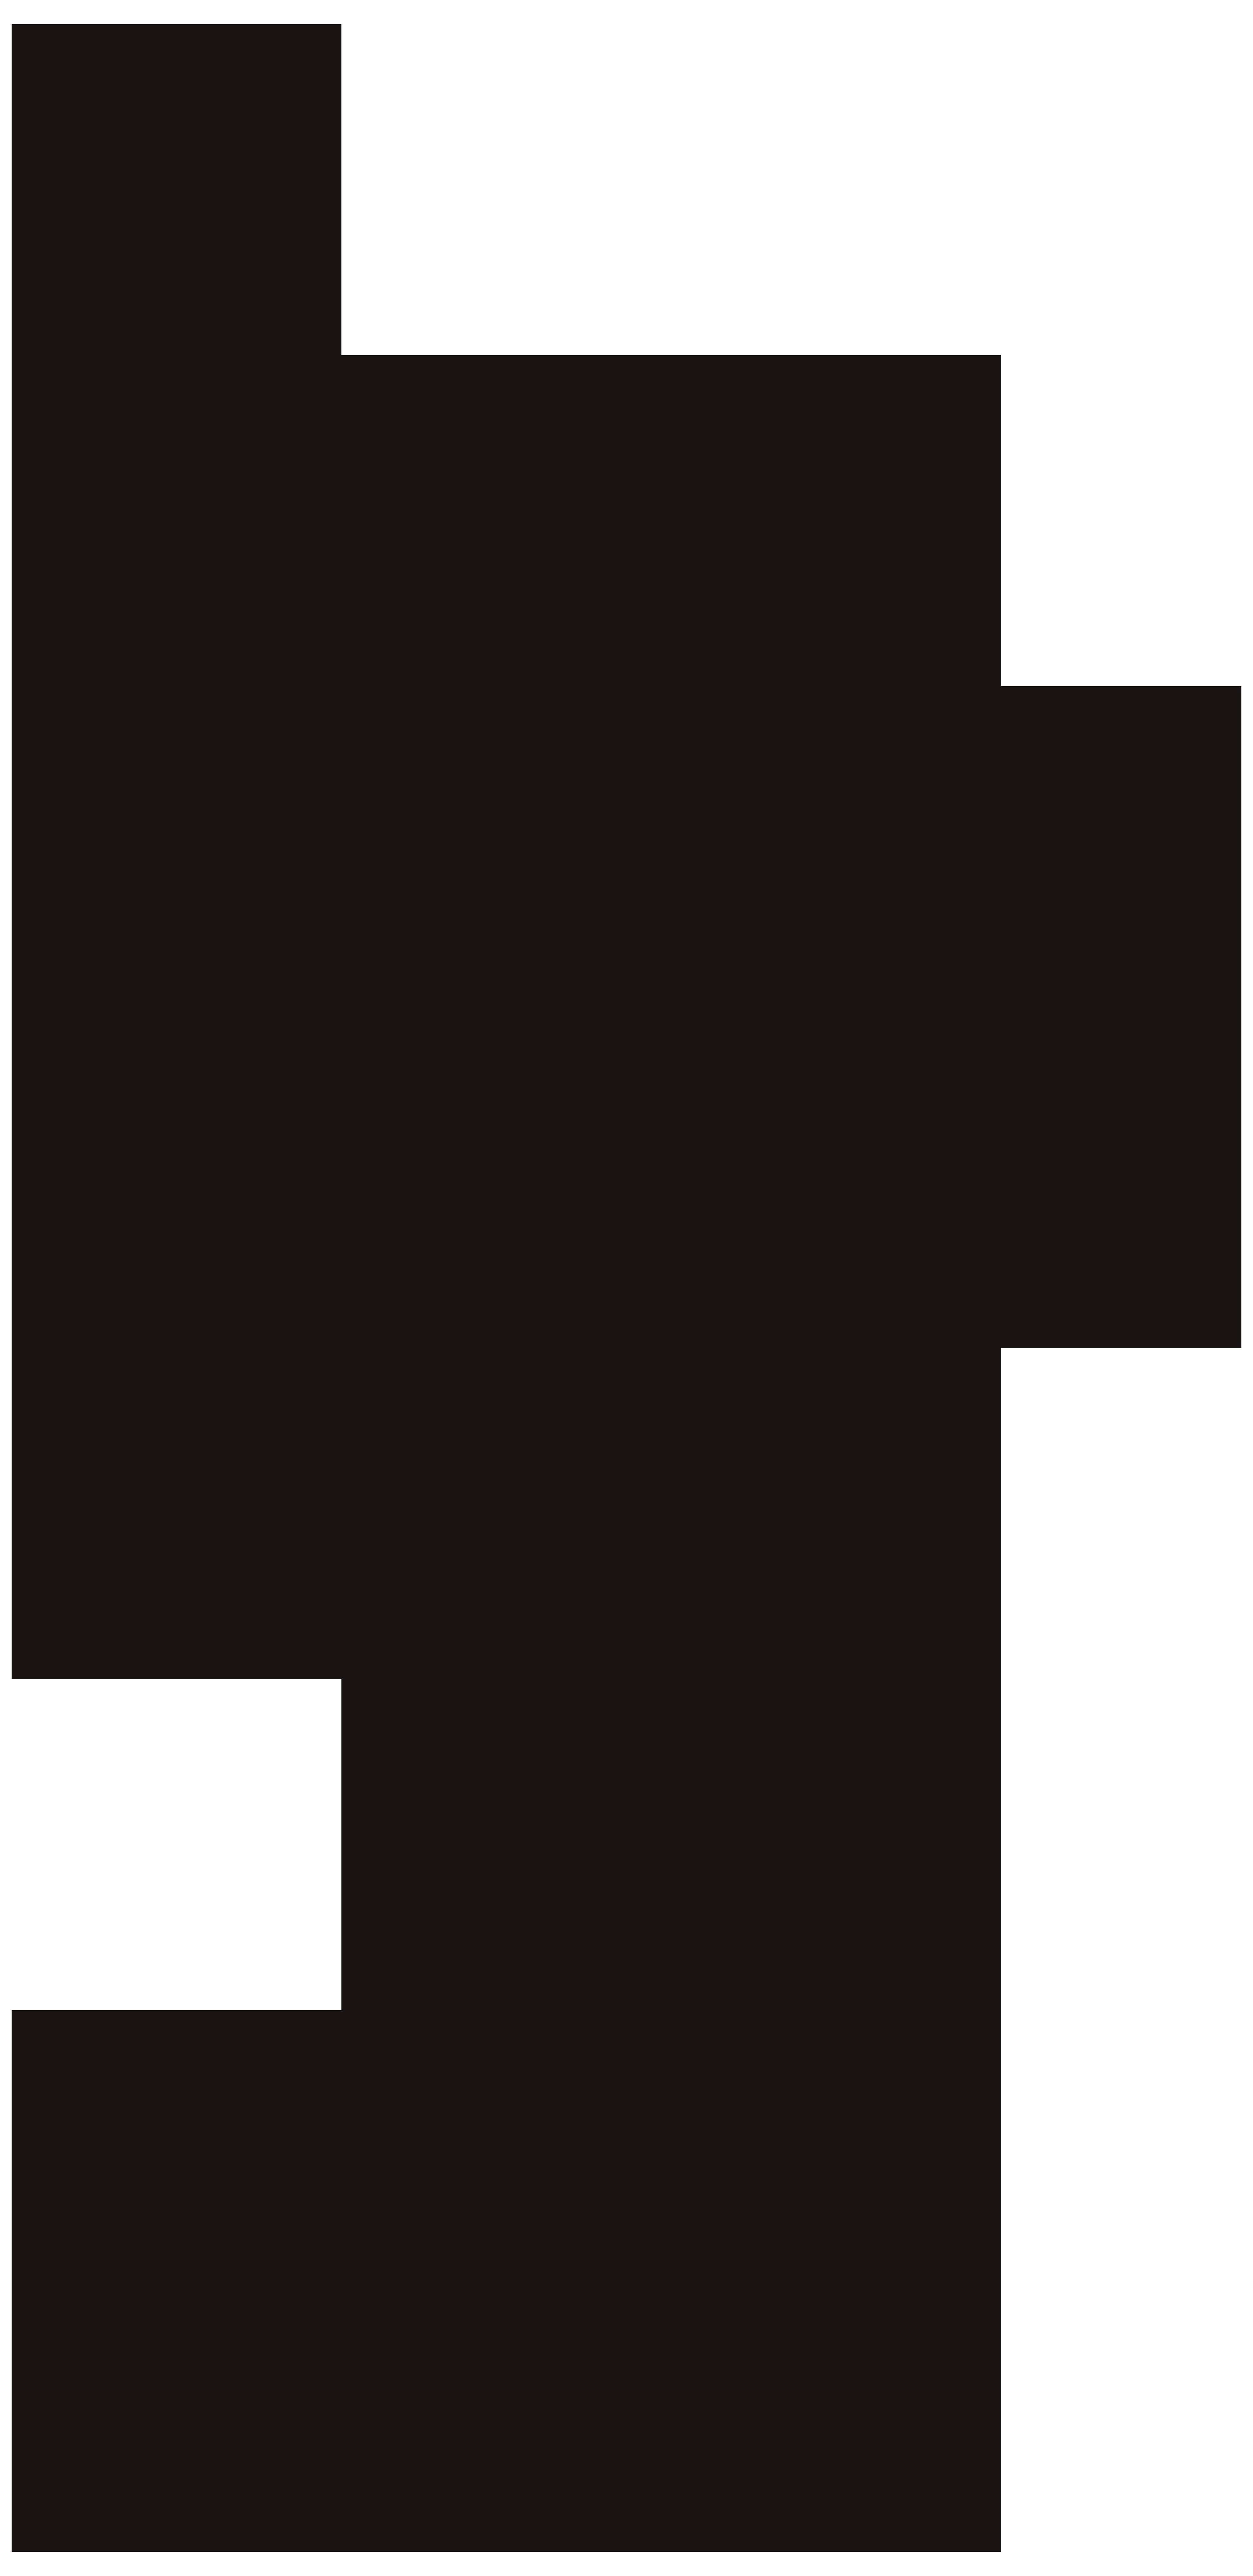 tutu silhouette clip art at getdrawings com free for personal use rh getdrawings com free ballerina clip art ballet royalty free ballerina clipart